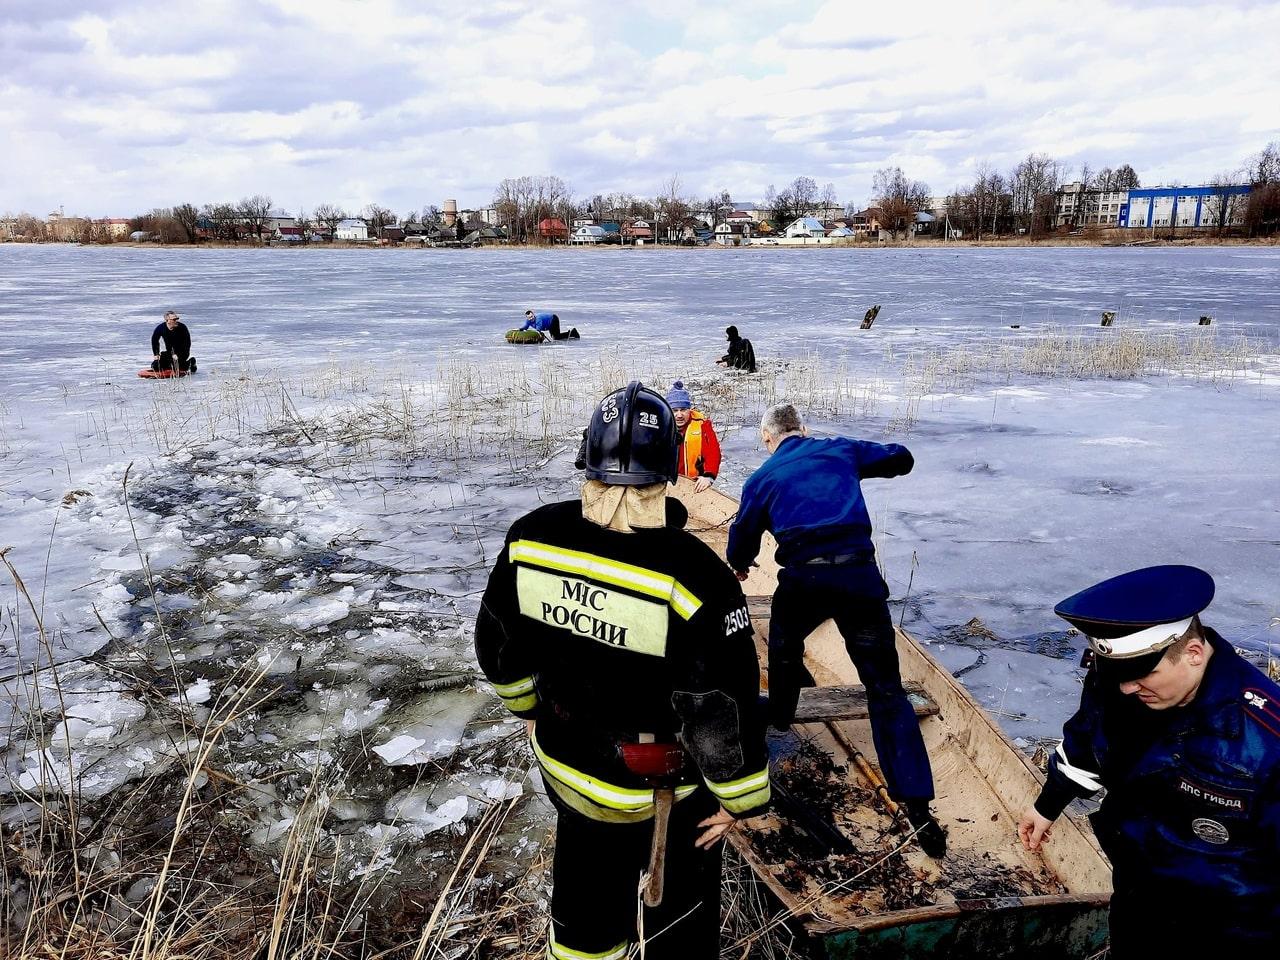 Дети, провалившиеся под лёд в Тверской области, спаслись благодаря неравнодушным мужчинам